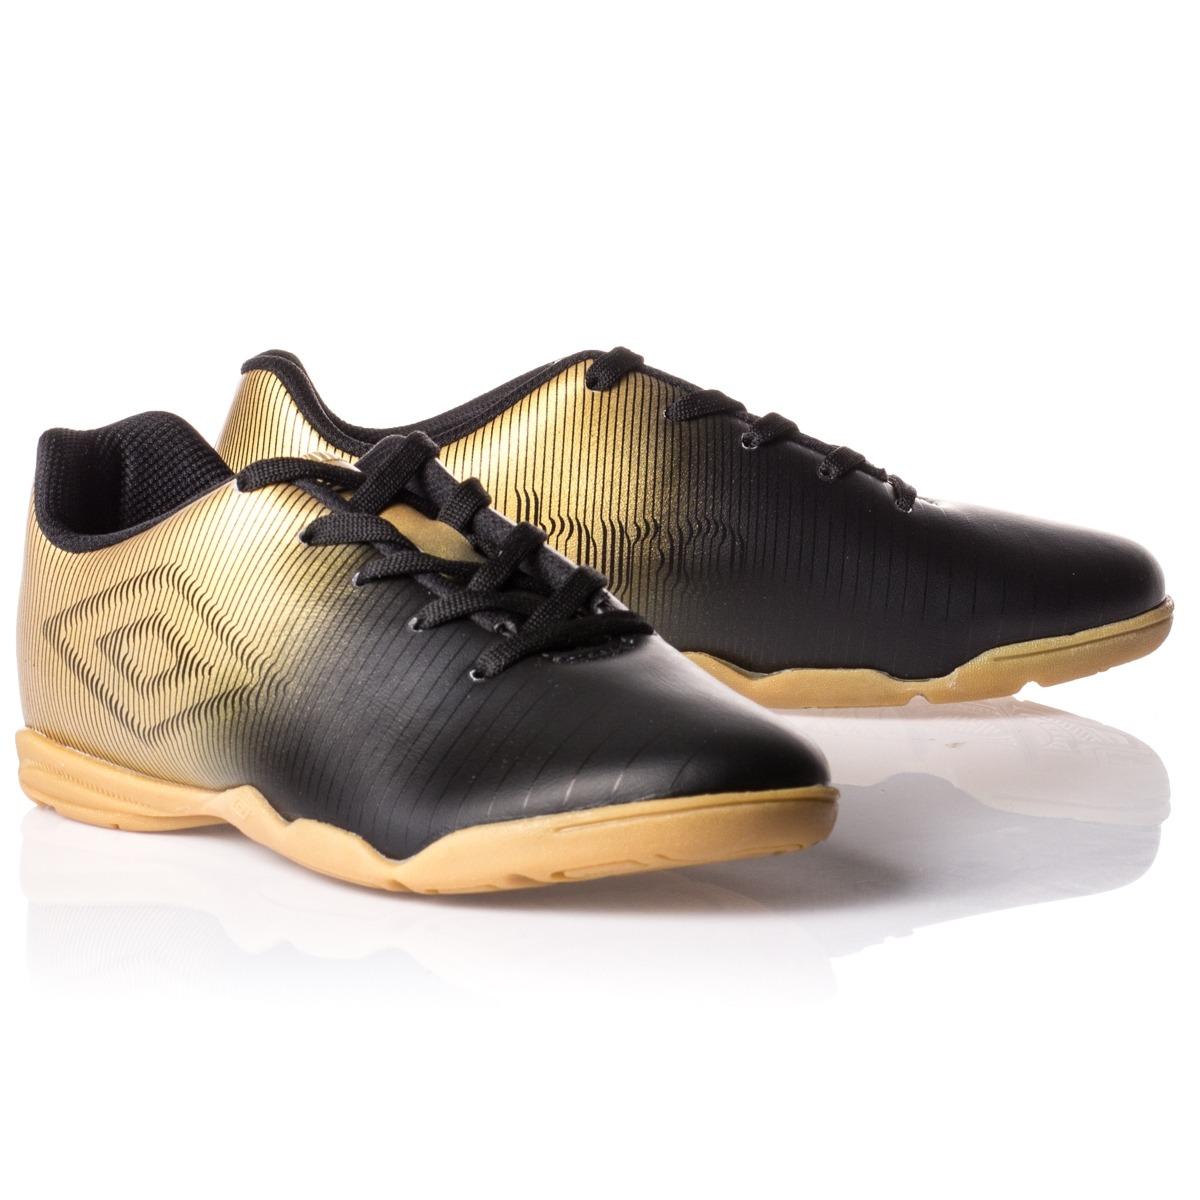 tênis futsal infantil umbro preto dourado produto original! Carregando zoom. d40e5f63a9e17